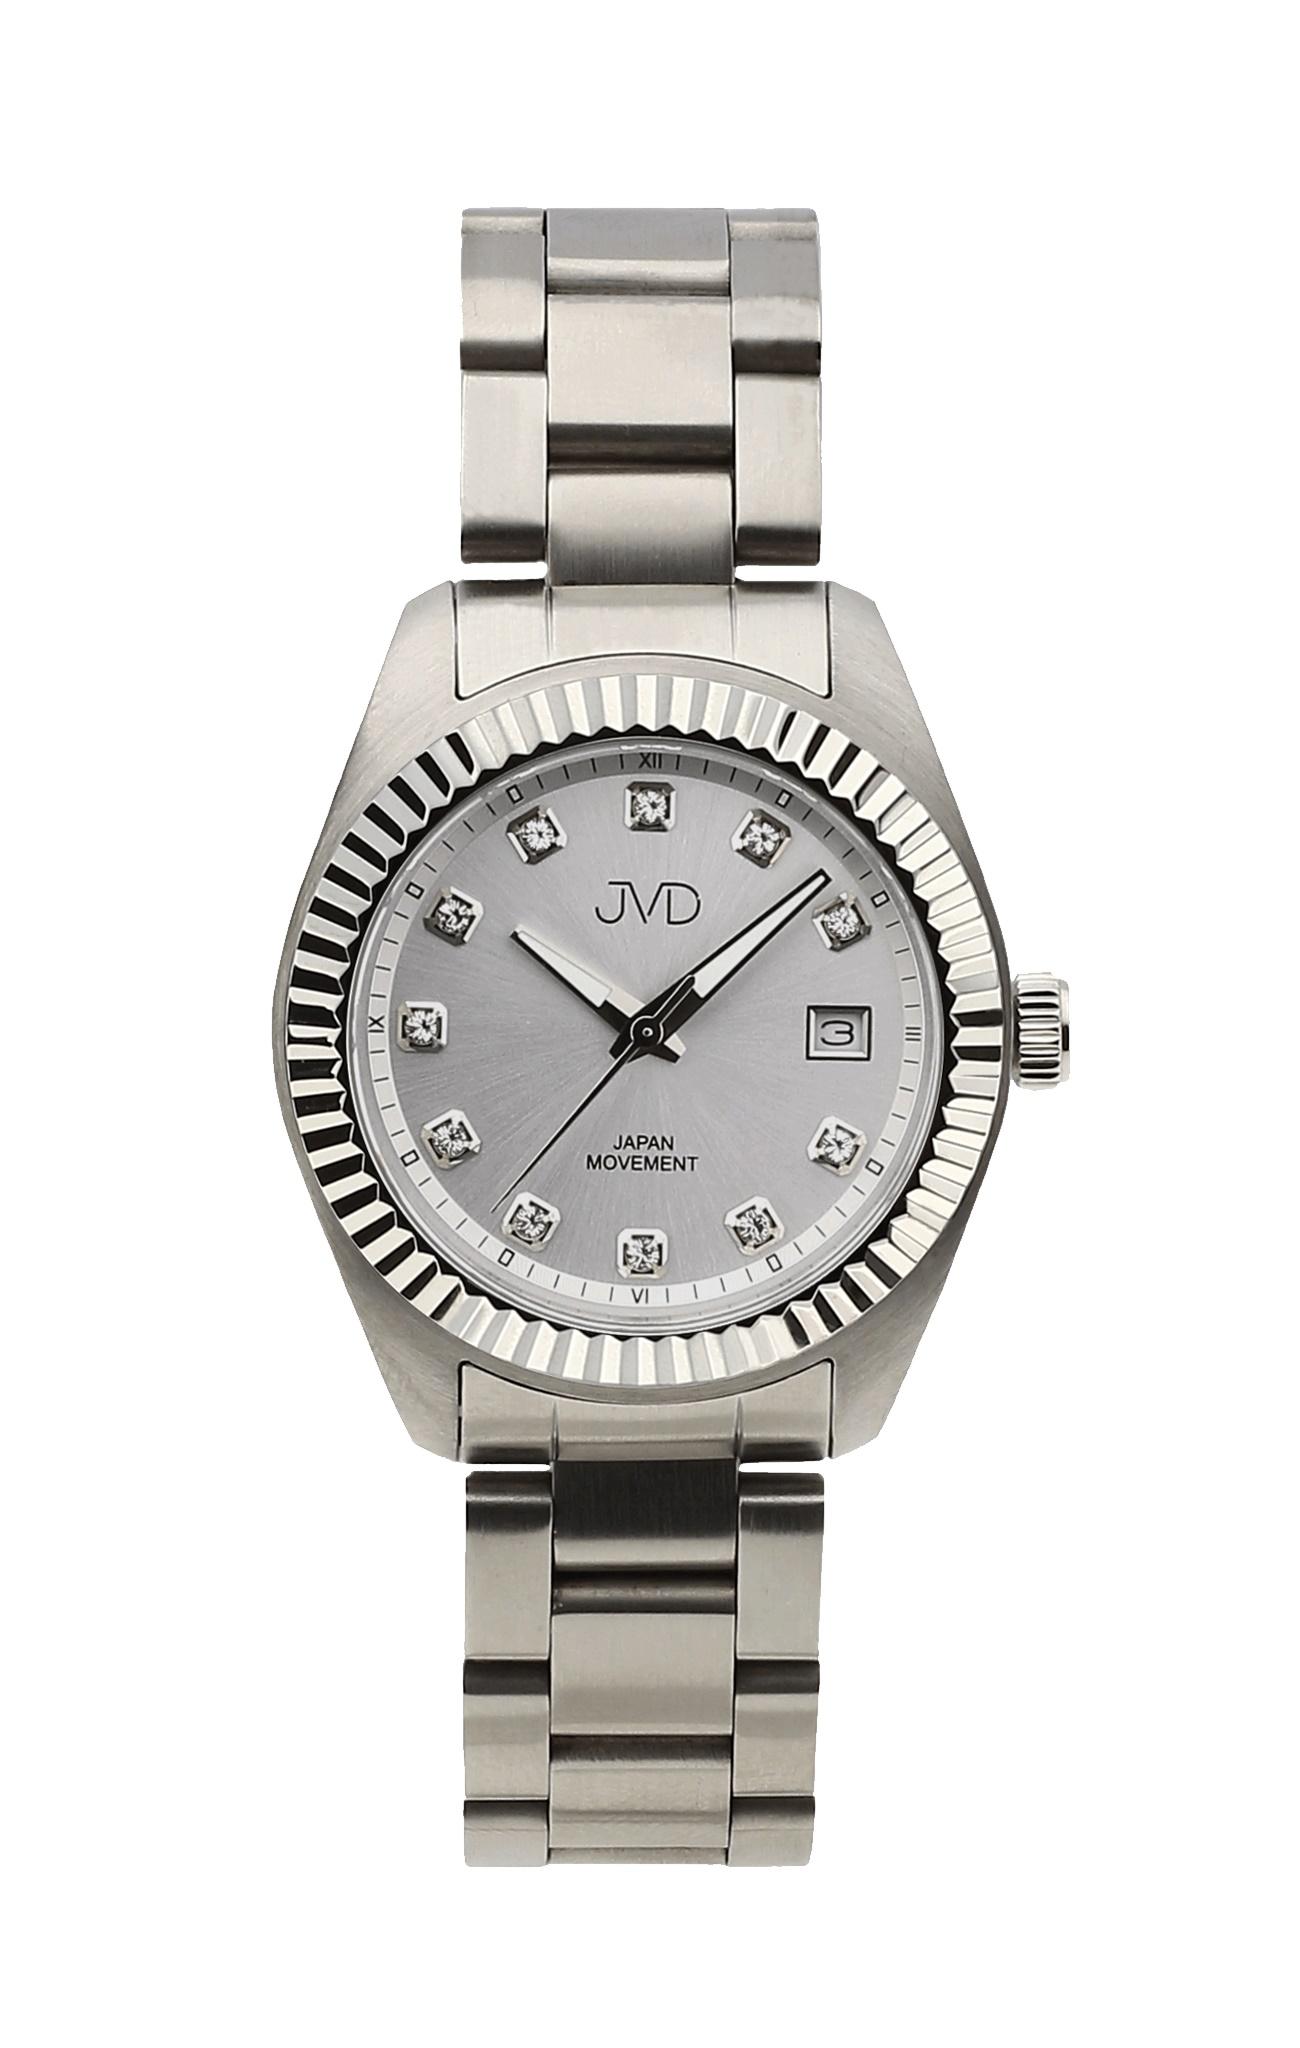 Dámské ocelové moderní náramkové hodinky JVD JC579.1 (5ATM - voděodolnost)